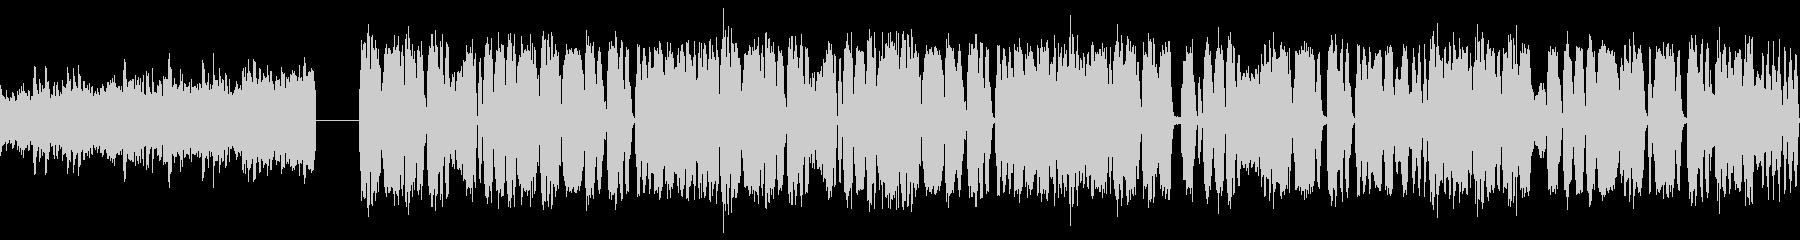 eスポーツ 大会 EDM ドロップ30秒の未再生の波形